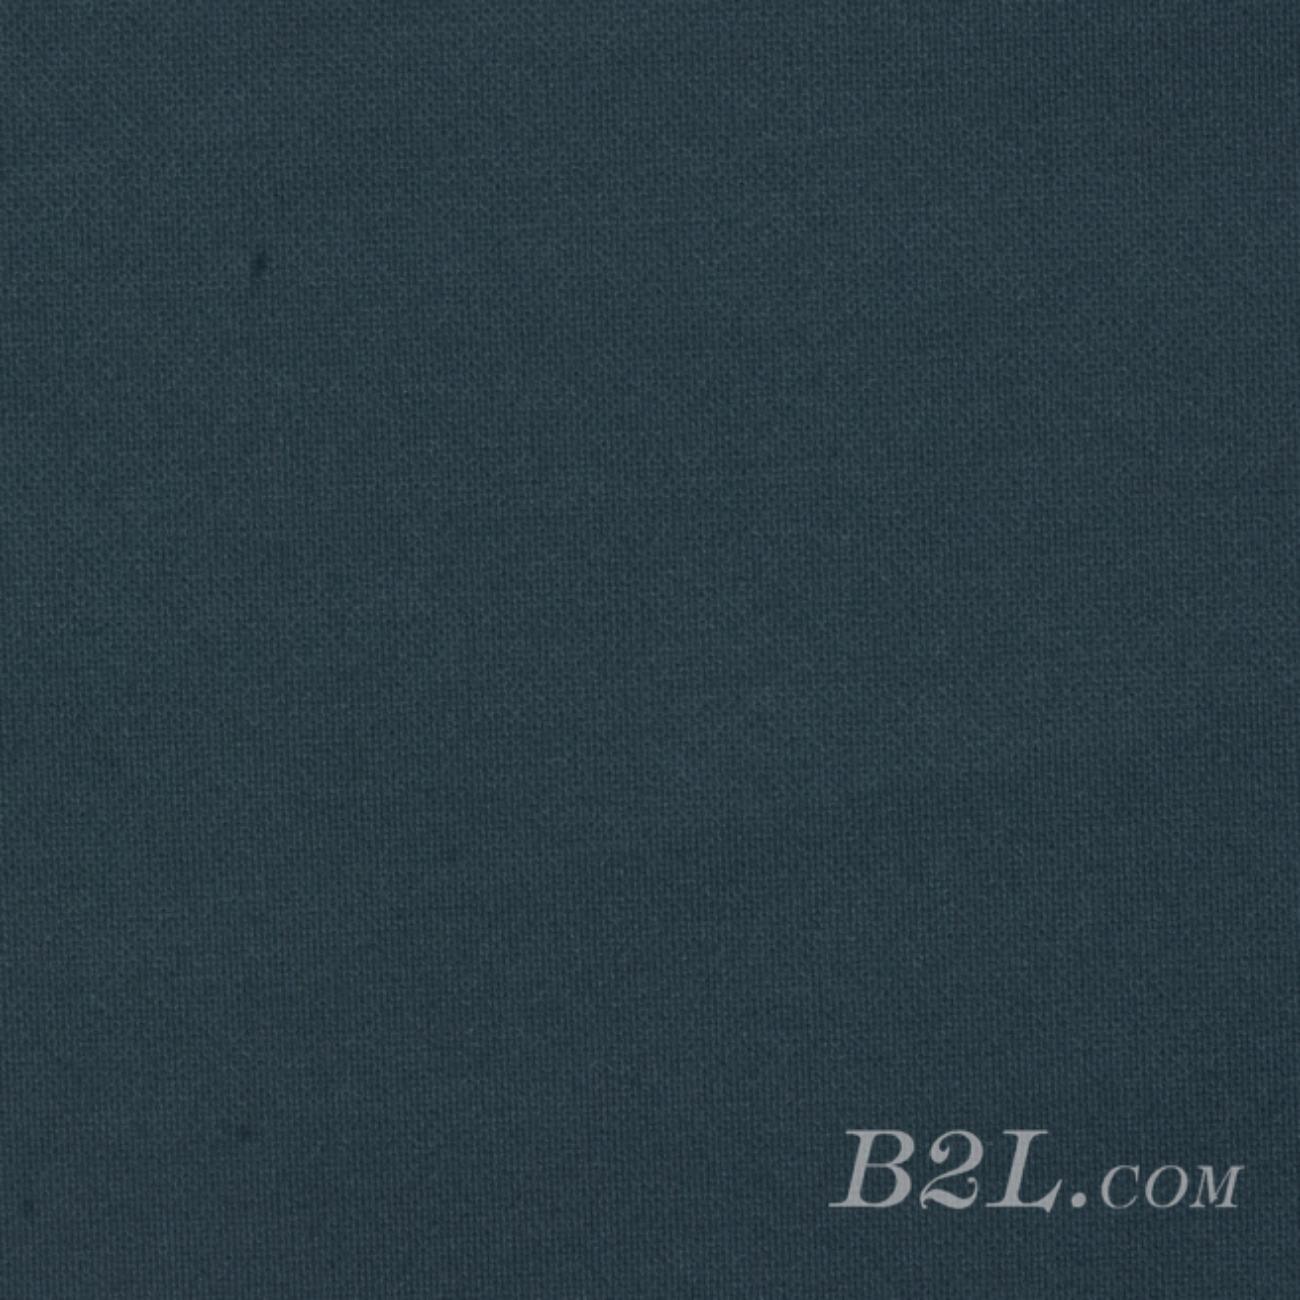 素色 针织 染色 弹力 春秋 卫衣 裤装 外套 女装 90809-6